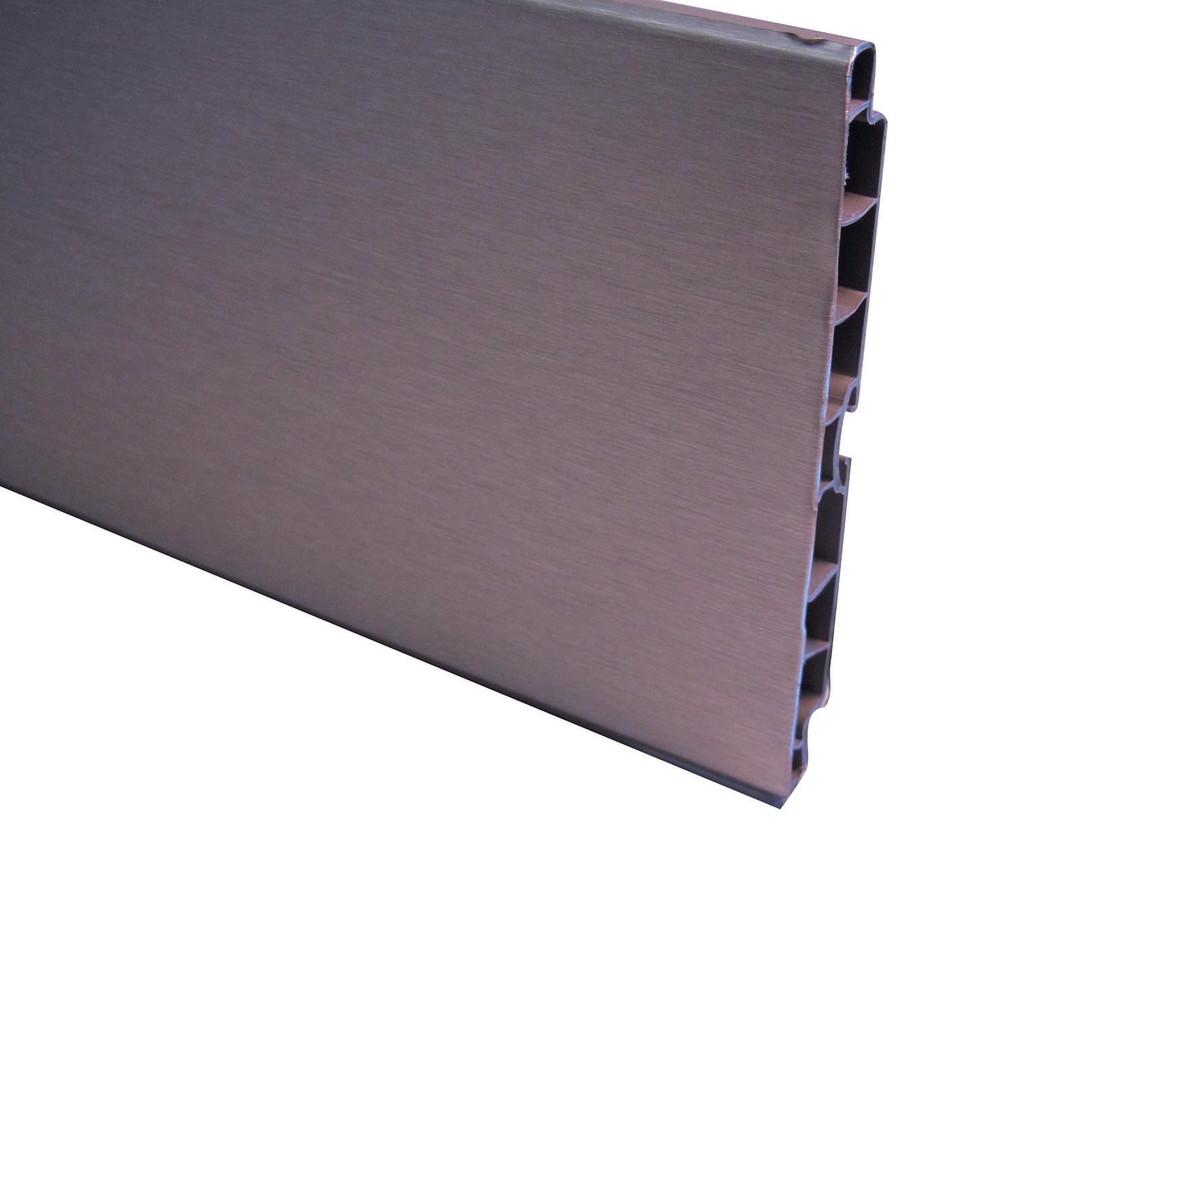 Zoccolino mobile cucina alluminio h cm 15 prezzo e for Leroy merlin librerie metallo